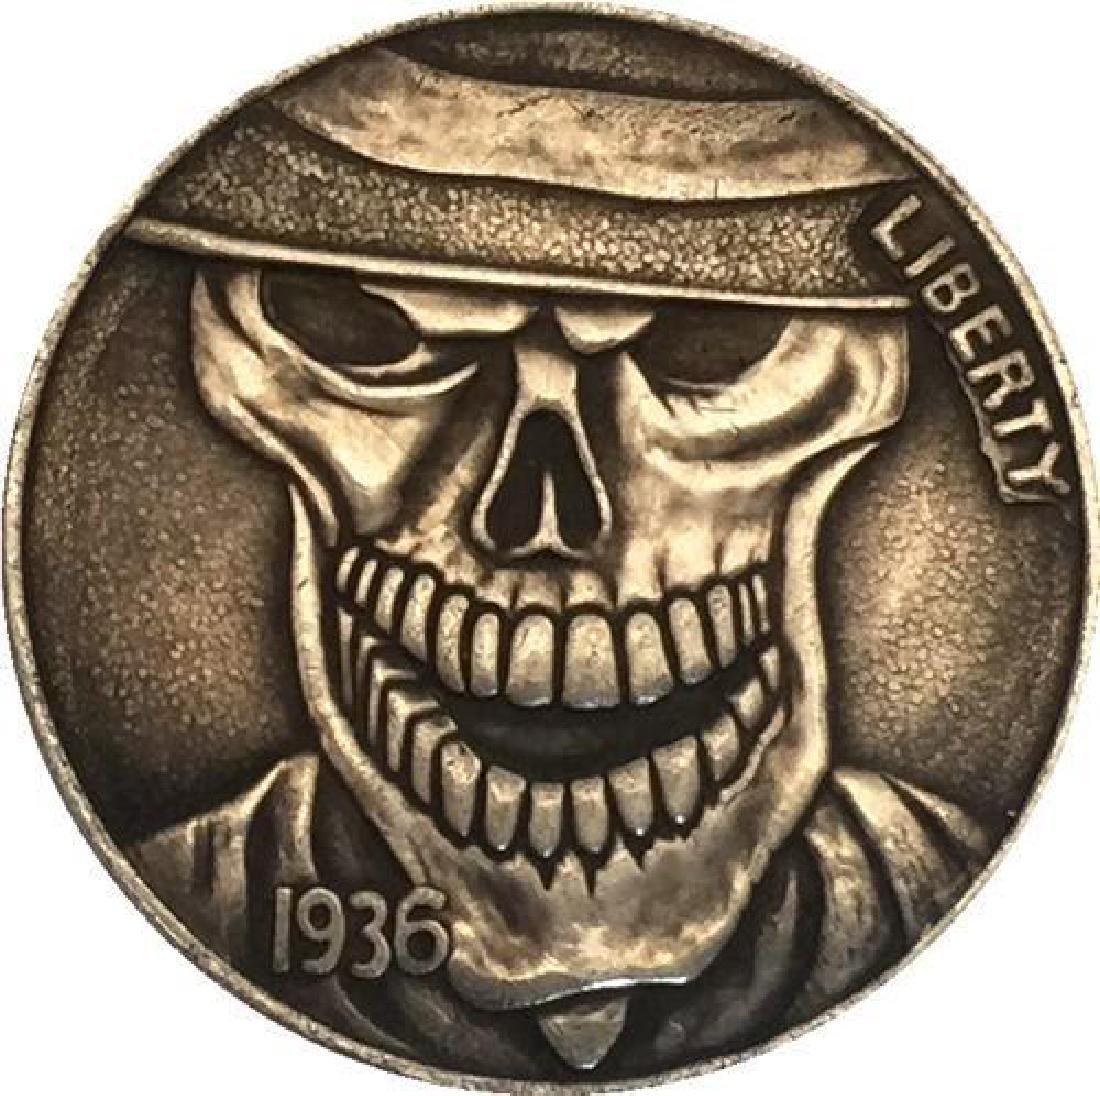 1936 USA Evil Skeleton Buffalo Coin